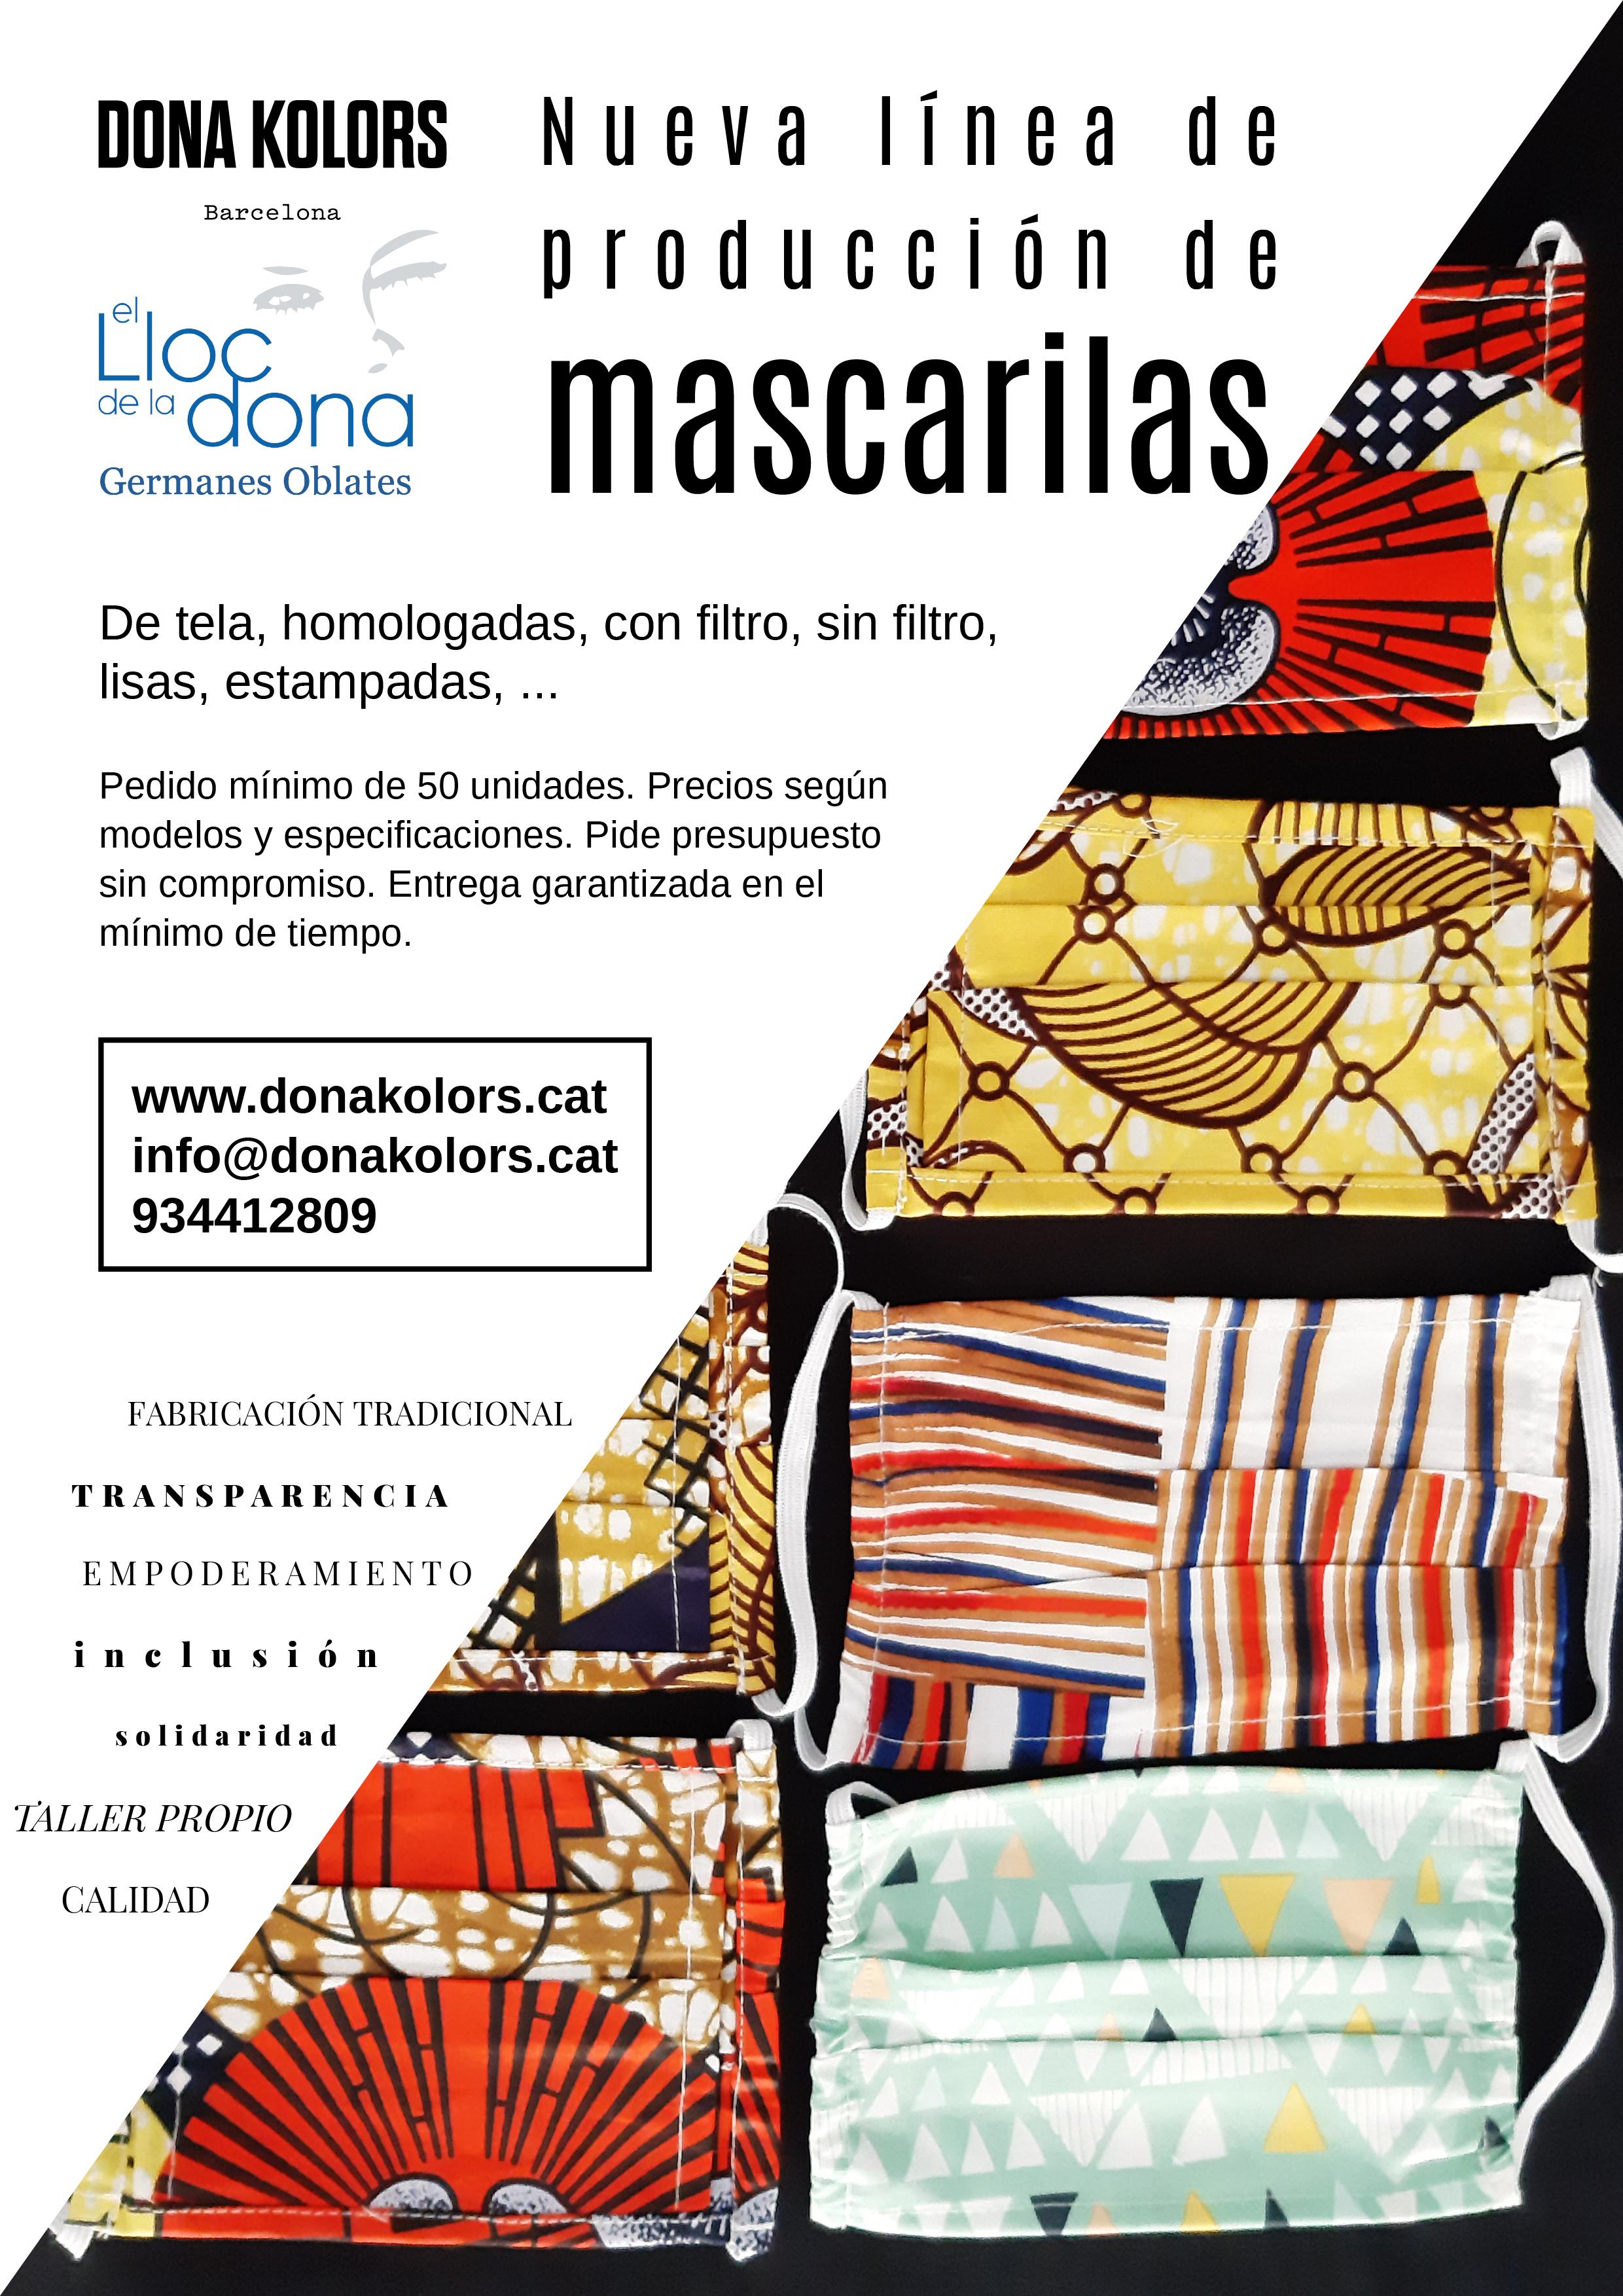 Nueva línea de confección de mascarillas Dona Kolors